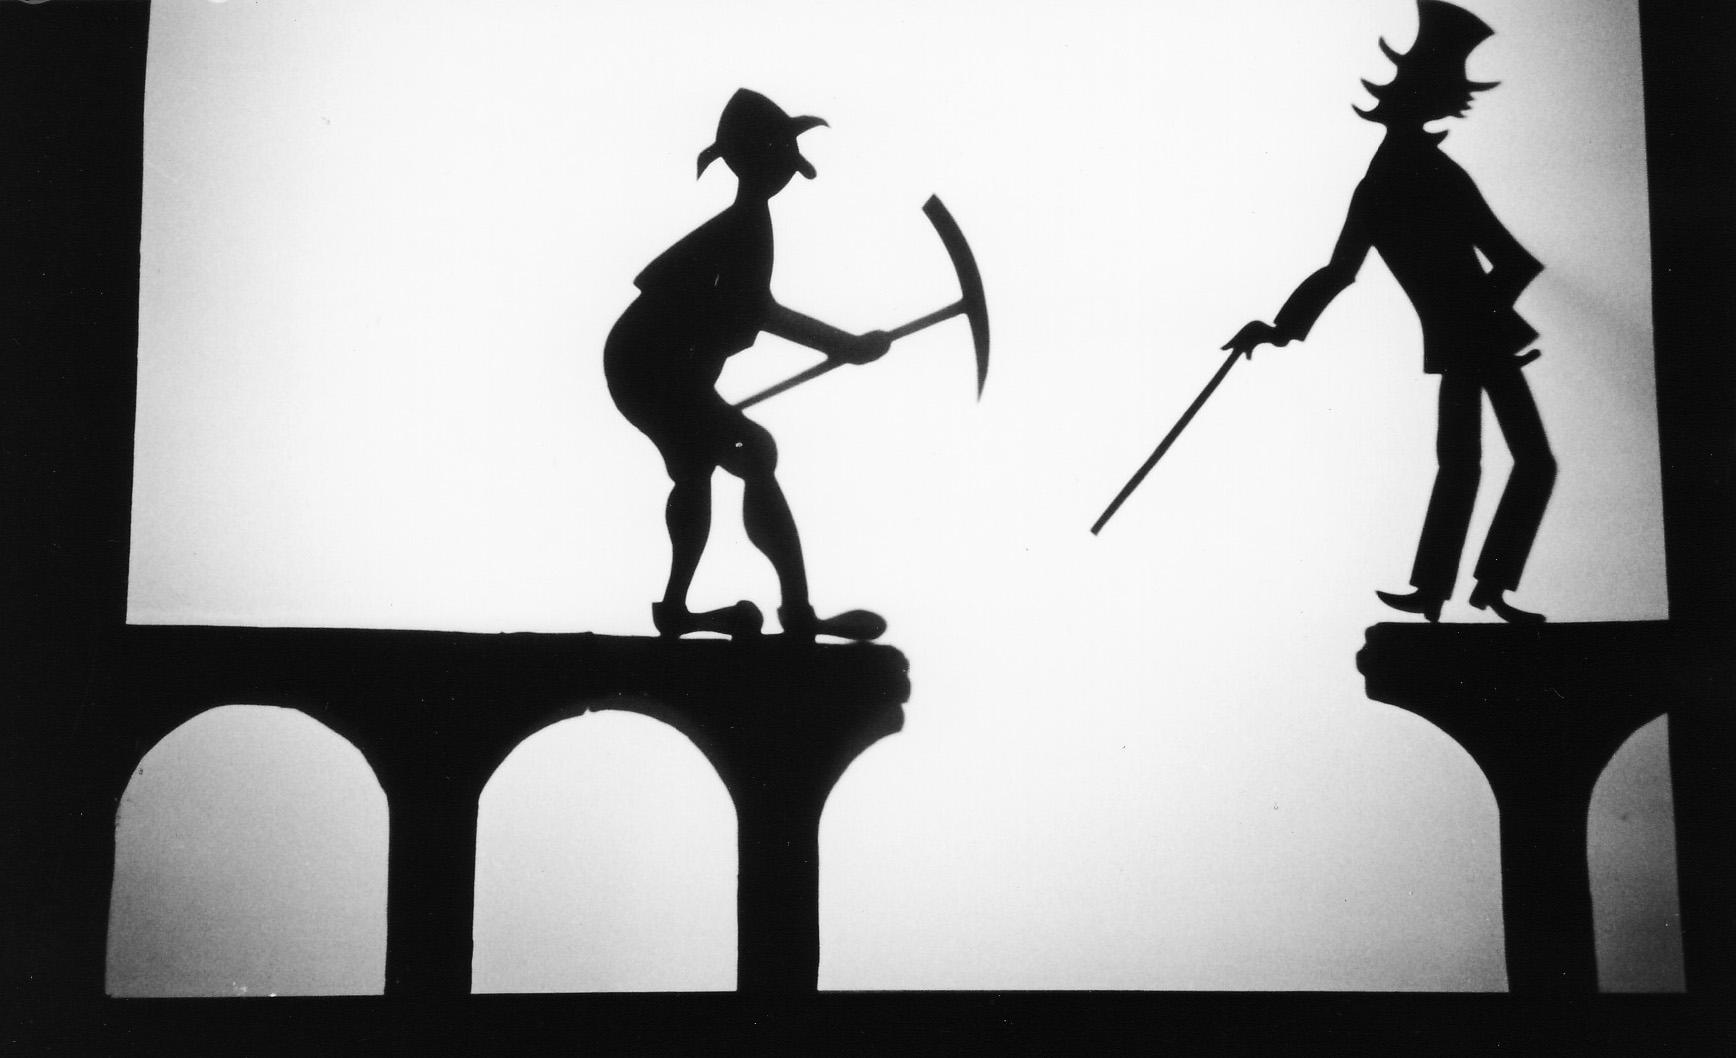 Le Pont <em>c</em>assé, le théâtre d'ombres de Ri<em>c</em>hard Bradshaw de Living Dodo Puppets (R. Bradshaw et M. Williams, Bowral, NSW, Australie). Photo: Margaret Williams